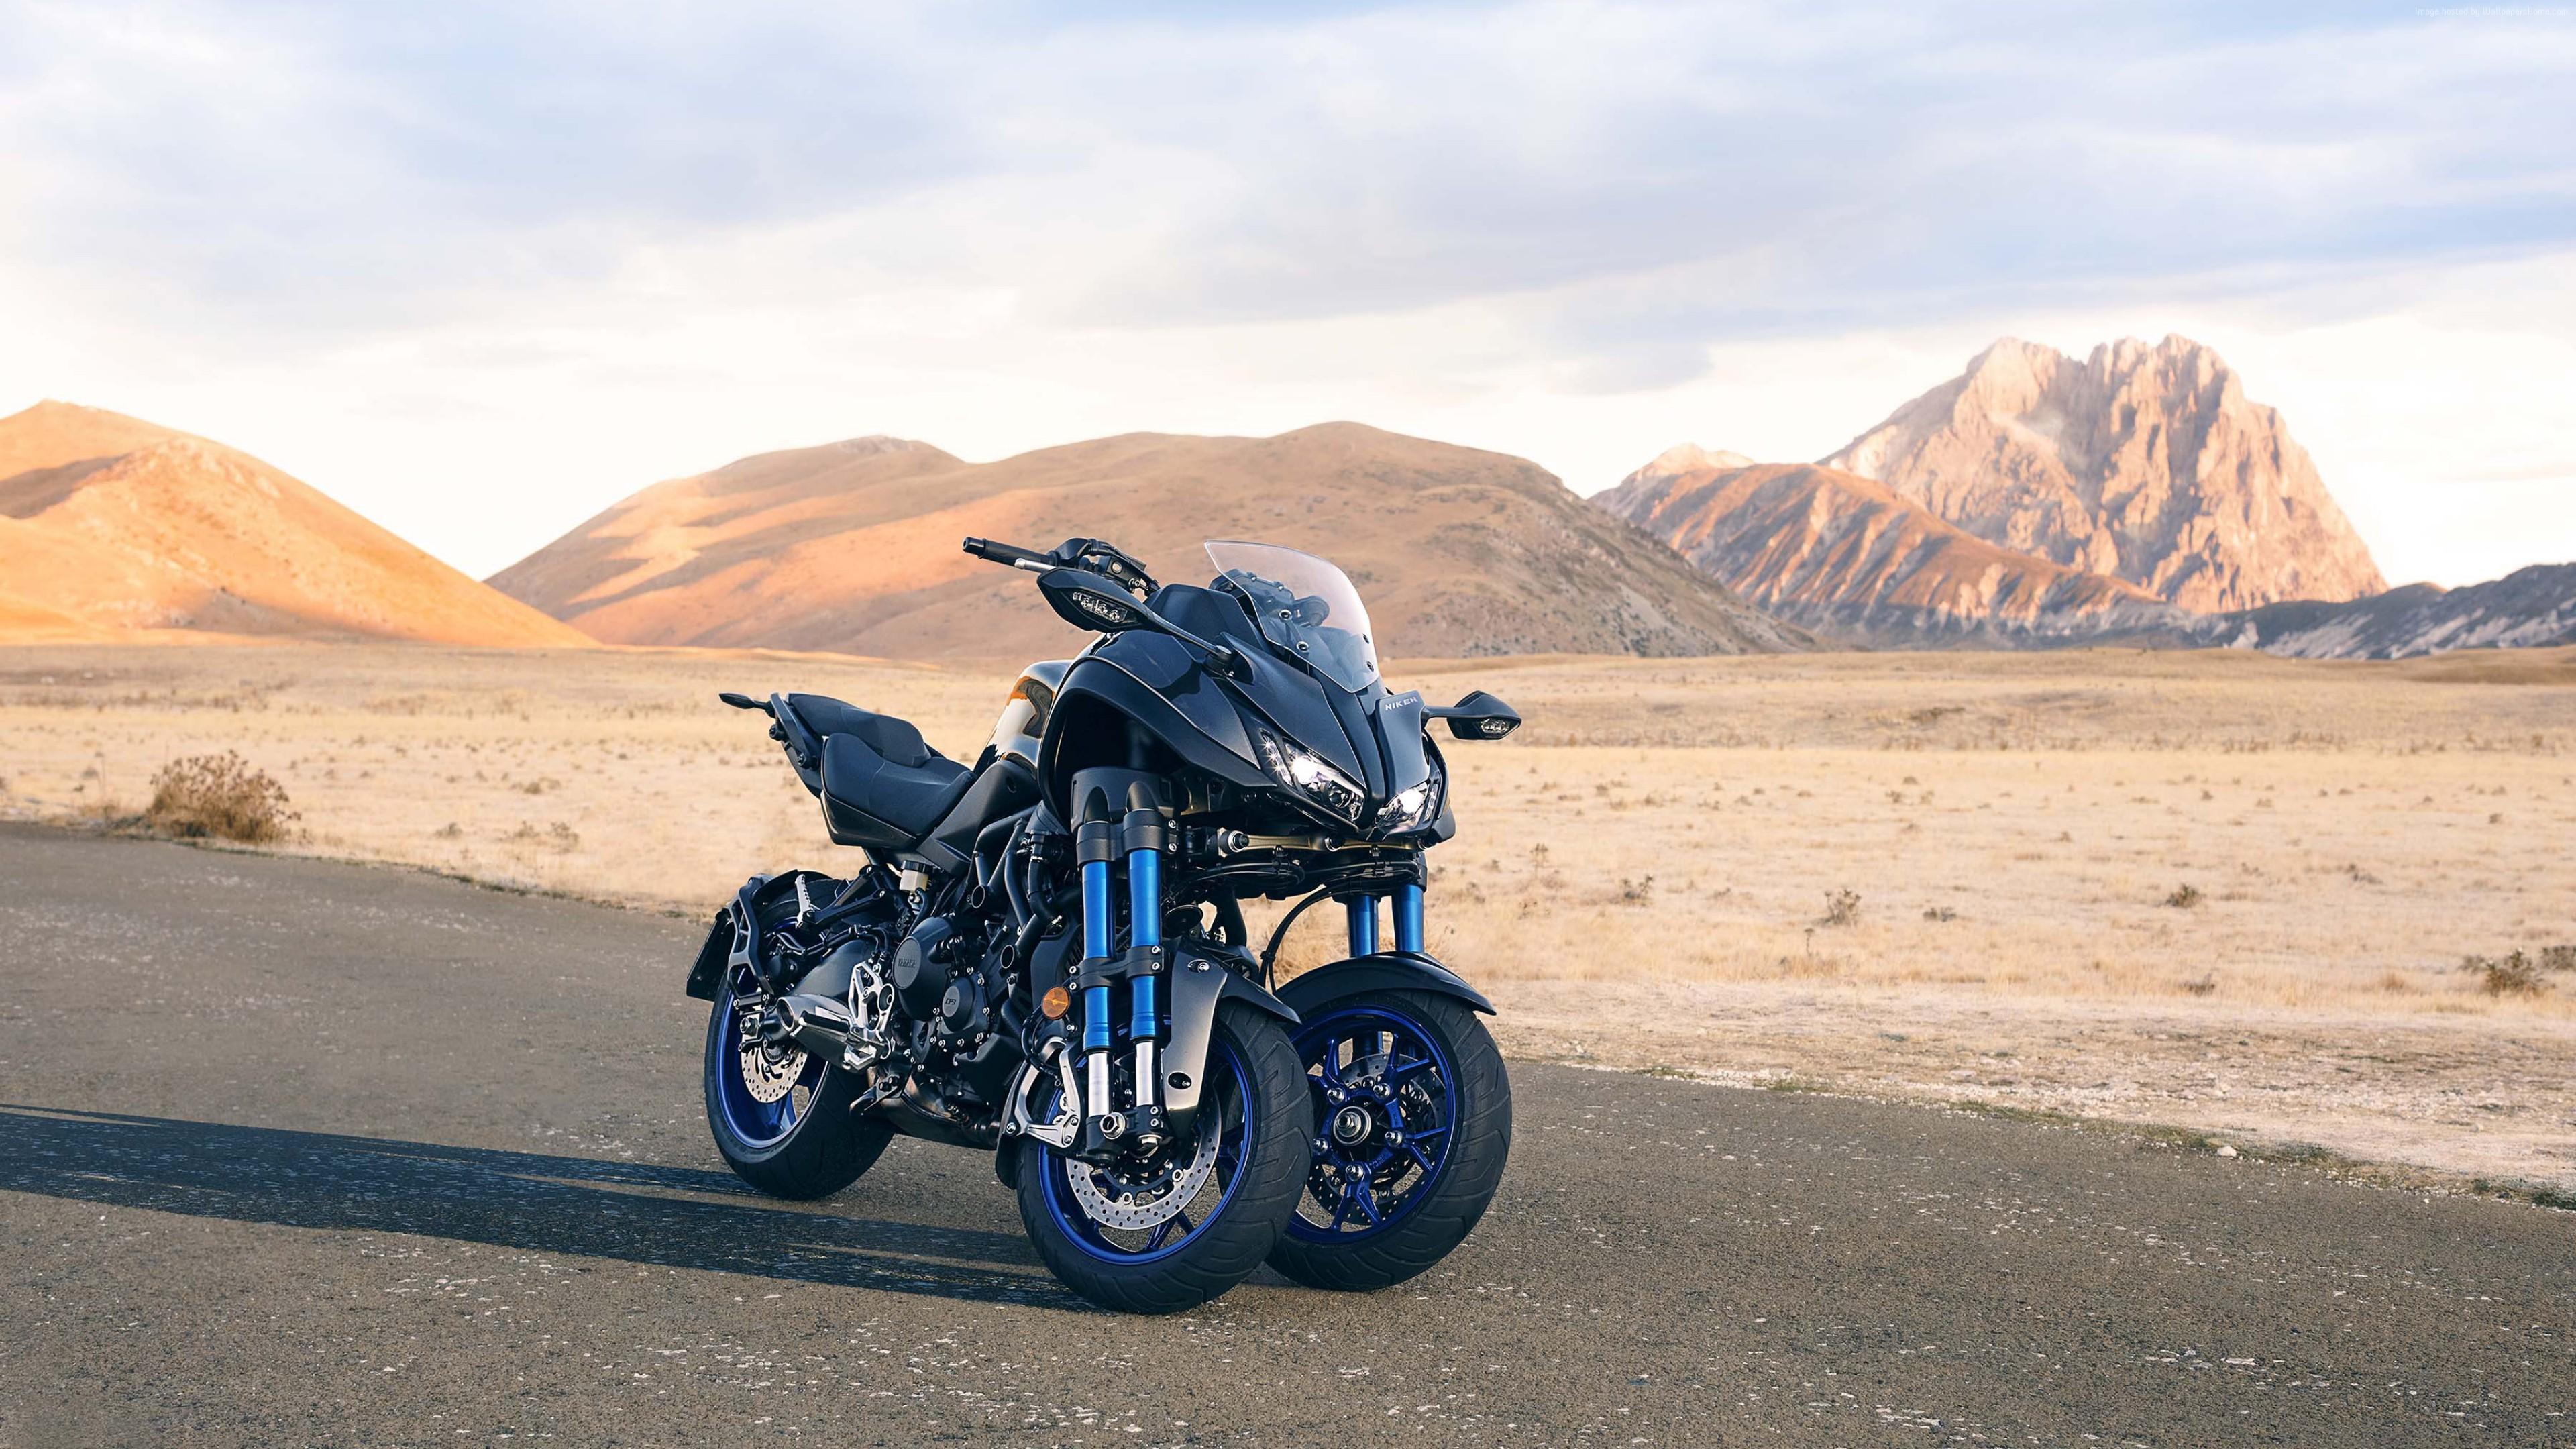 yamaha niken review threewheeled motorcycle - HD3840×2160